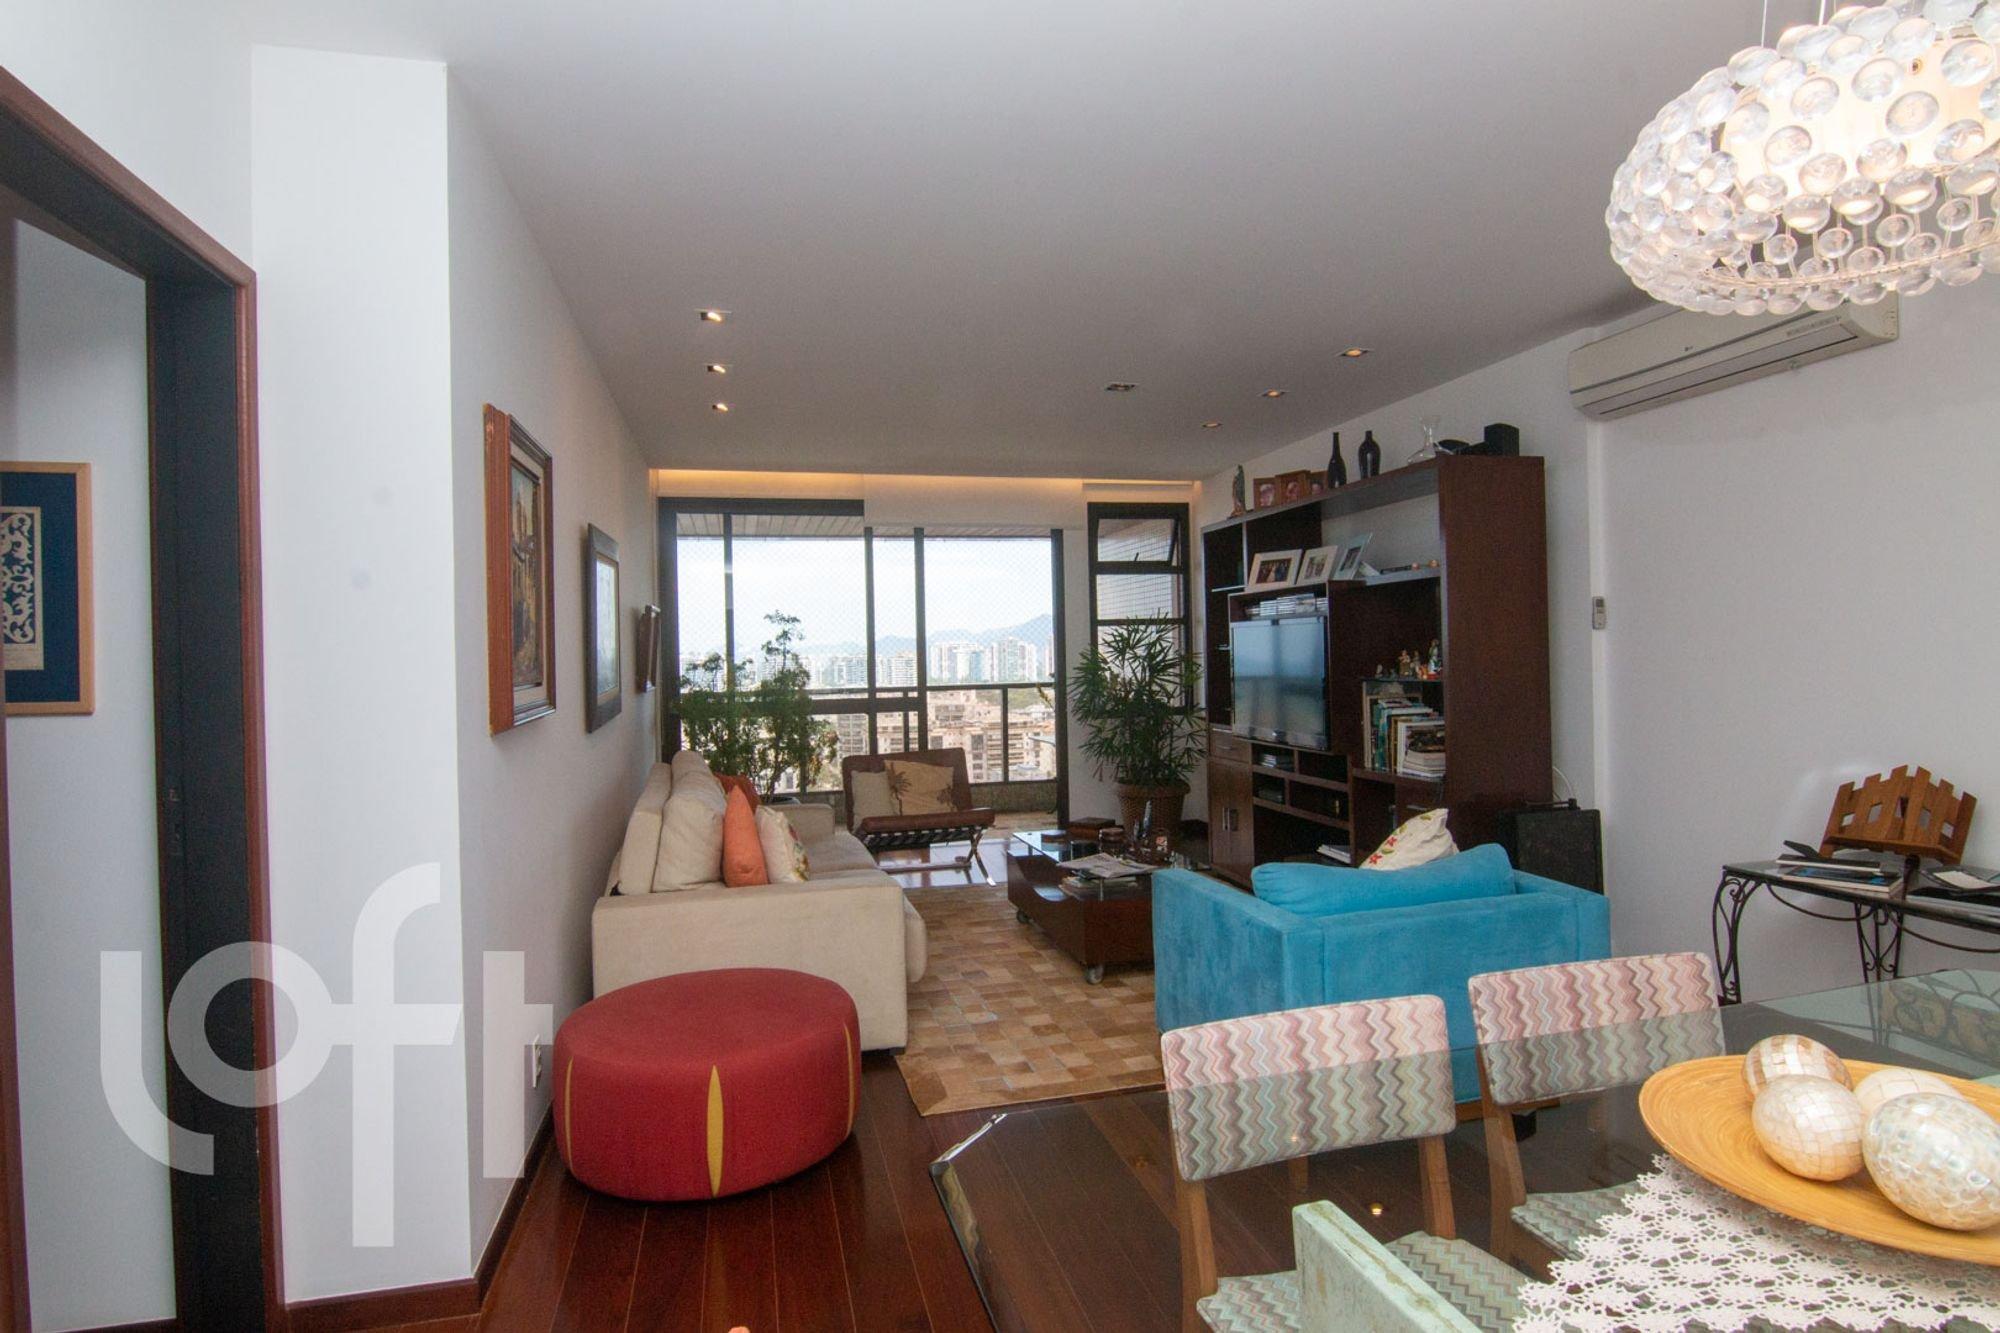 Foto de Sala com vaso de planta, sofá, vaso, garrafa, cadeira